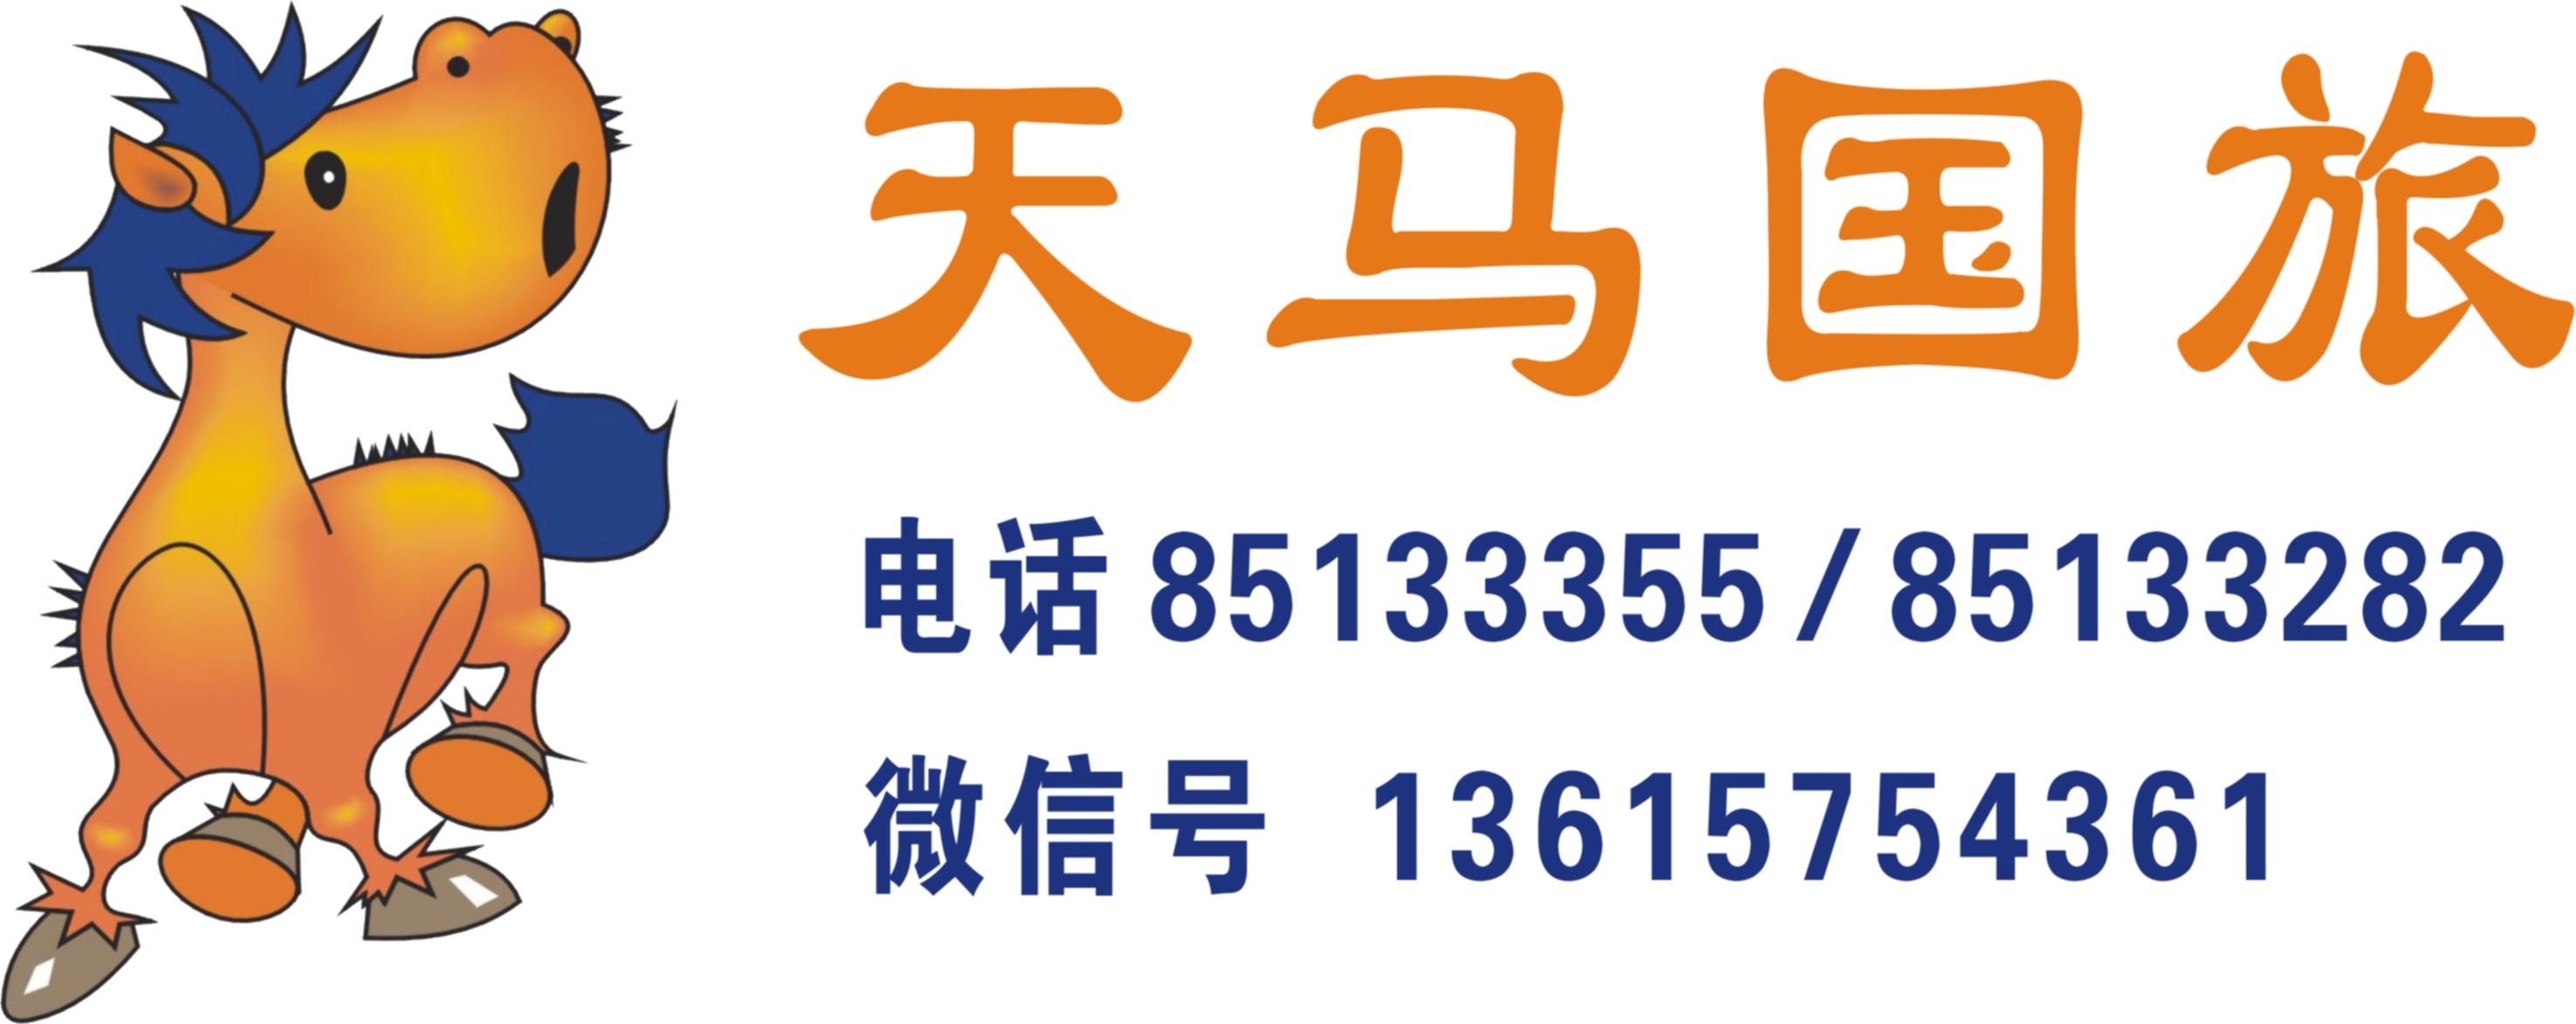 6.29【雁荡山、观中华名夜景、玻璃栈道经典二日】